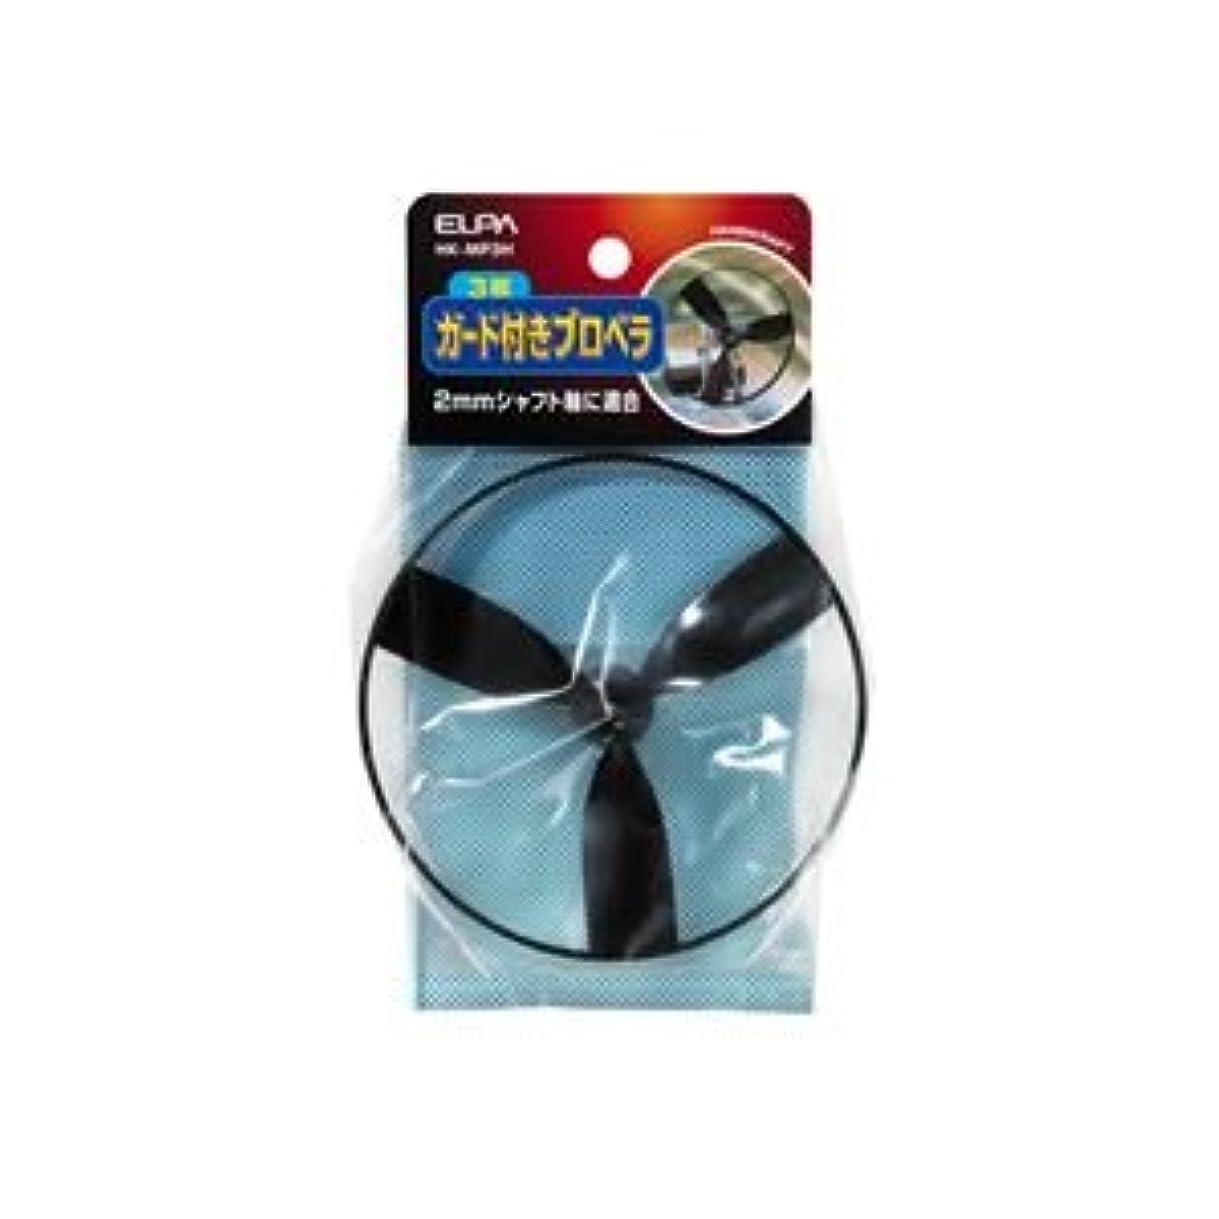 ペインギリック審判鉛筆(業務用セット) ELPA ガード付プロペラ 2mm軸用 HK-MP3H 【×10セット】